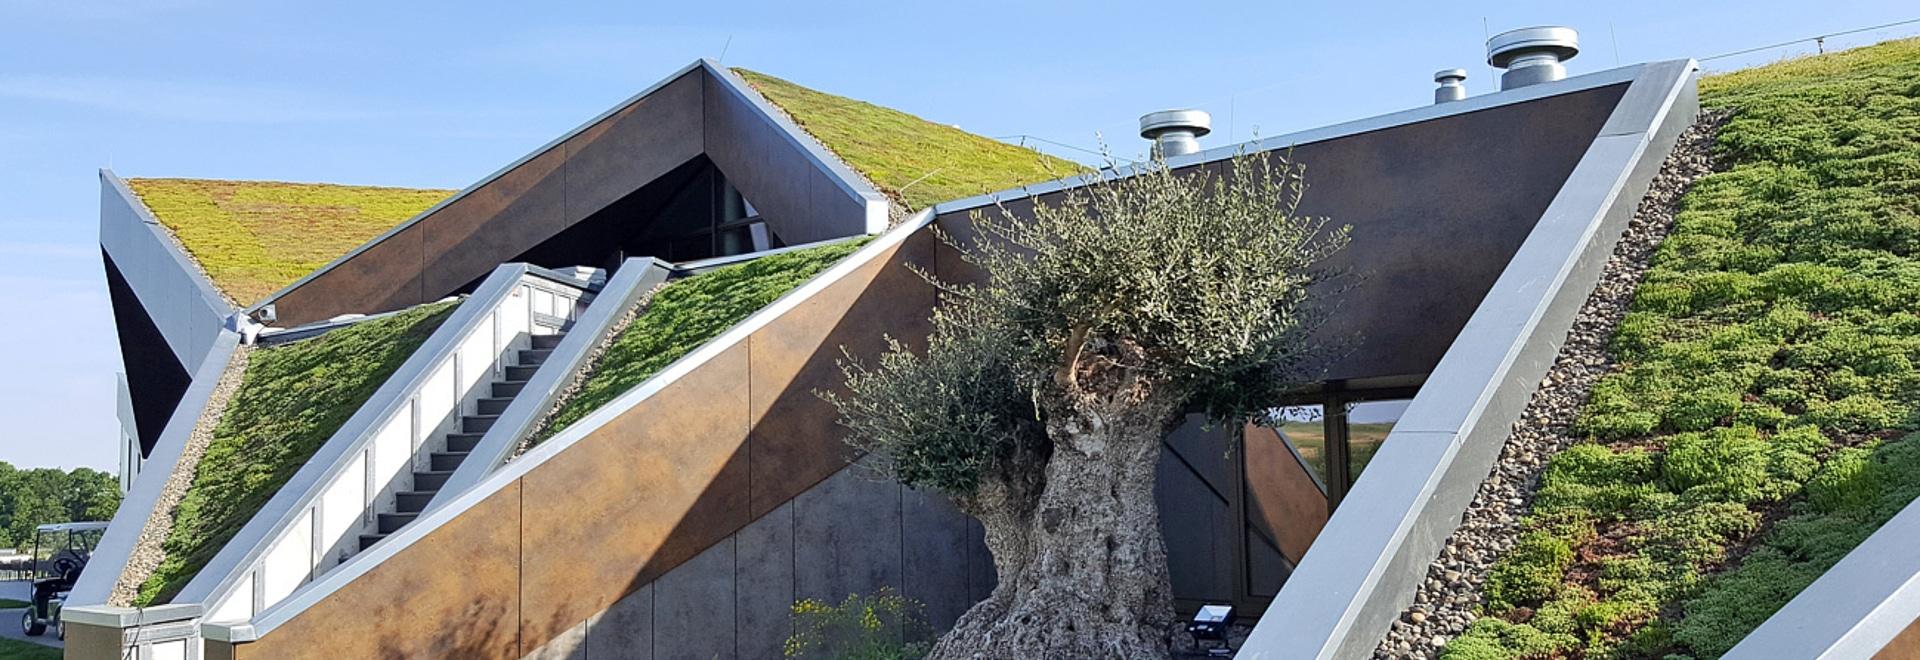 Crear un tejado verde en un tejado echado no es un problema proporcionó las características especiales del tejado se toma en la consideración.